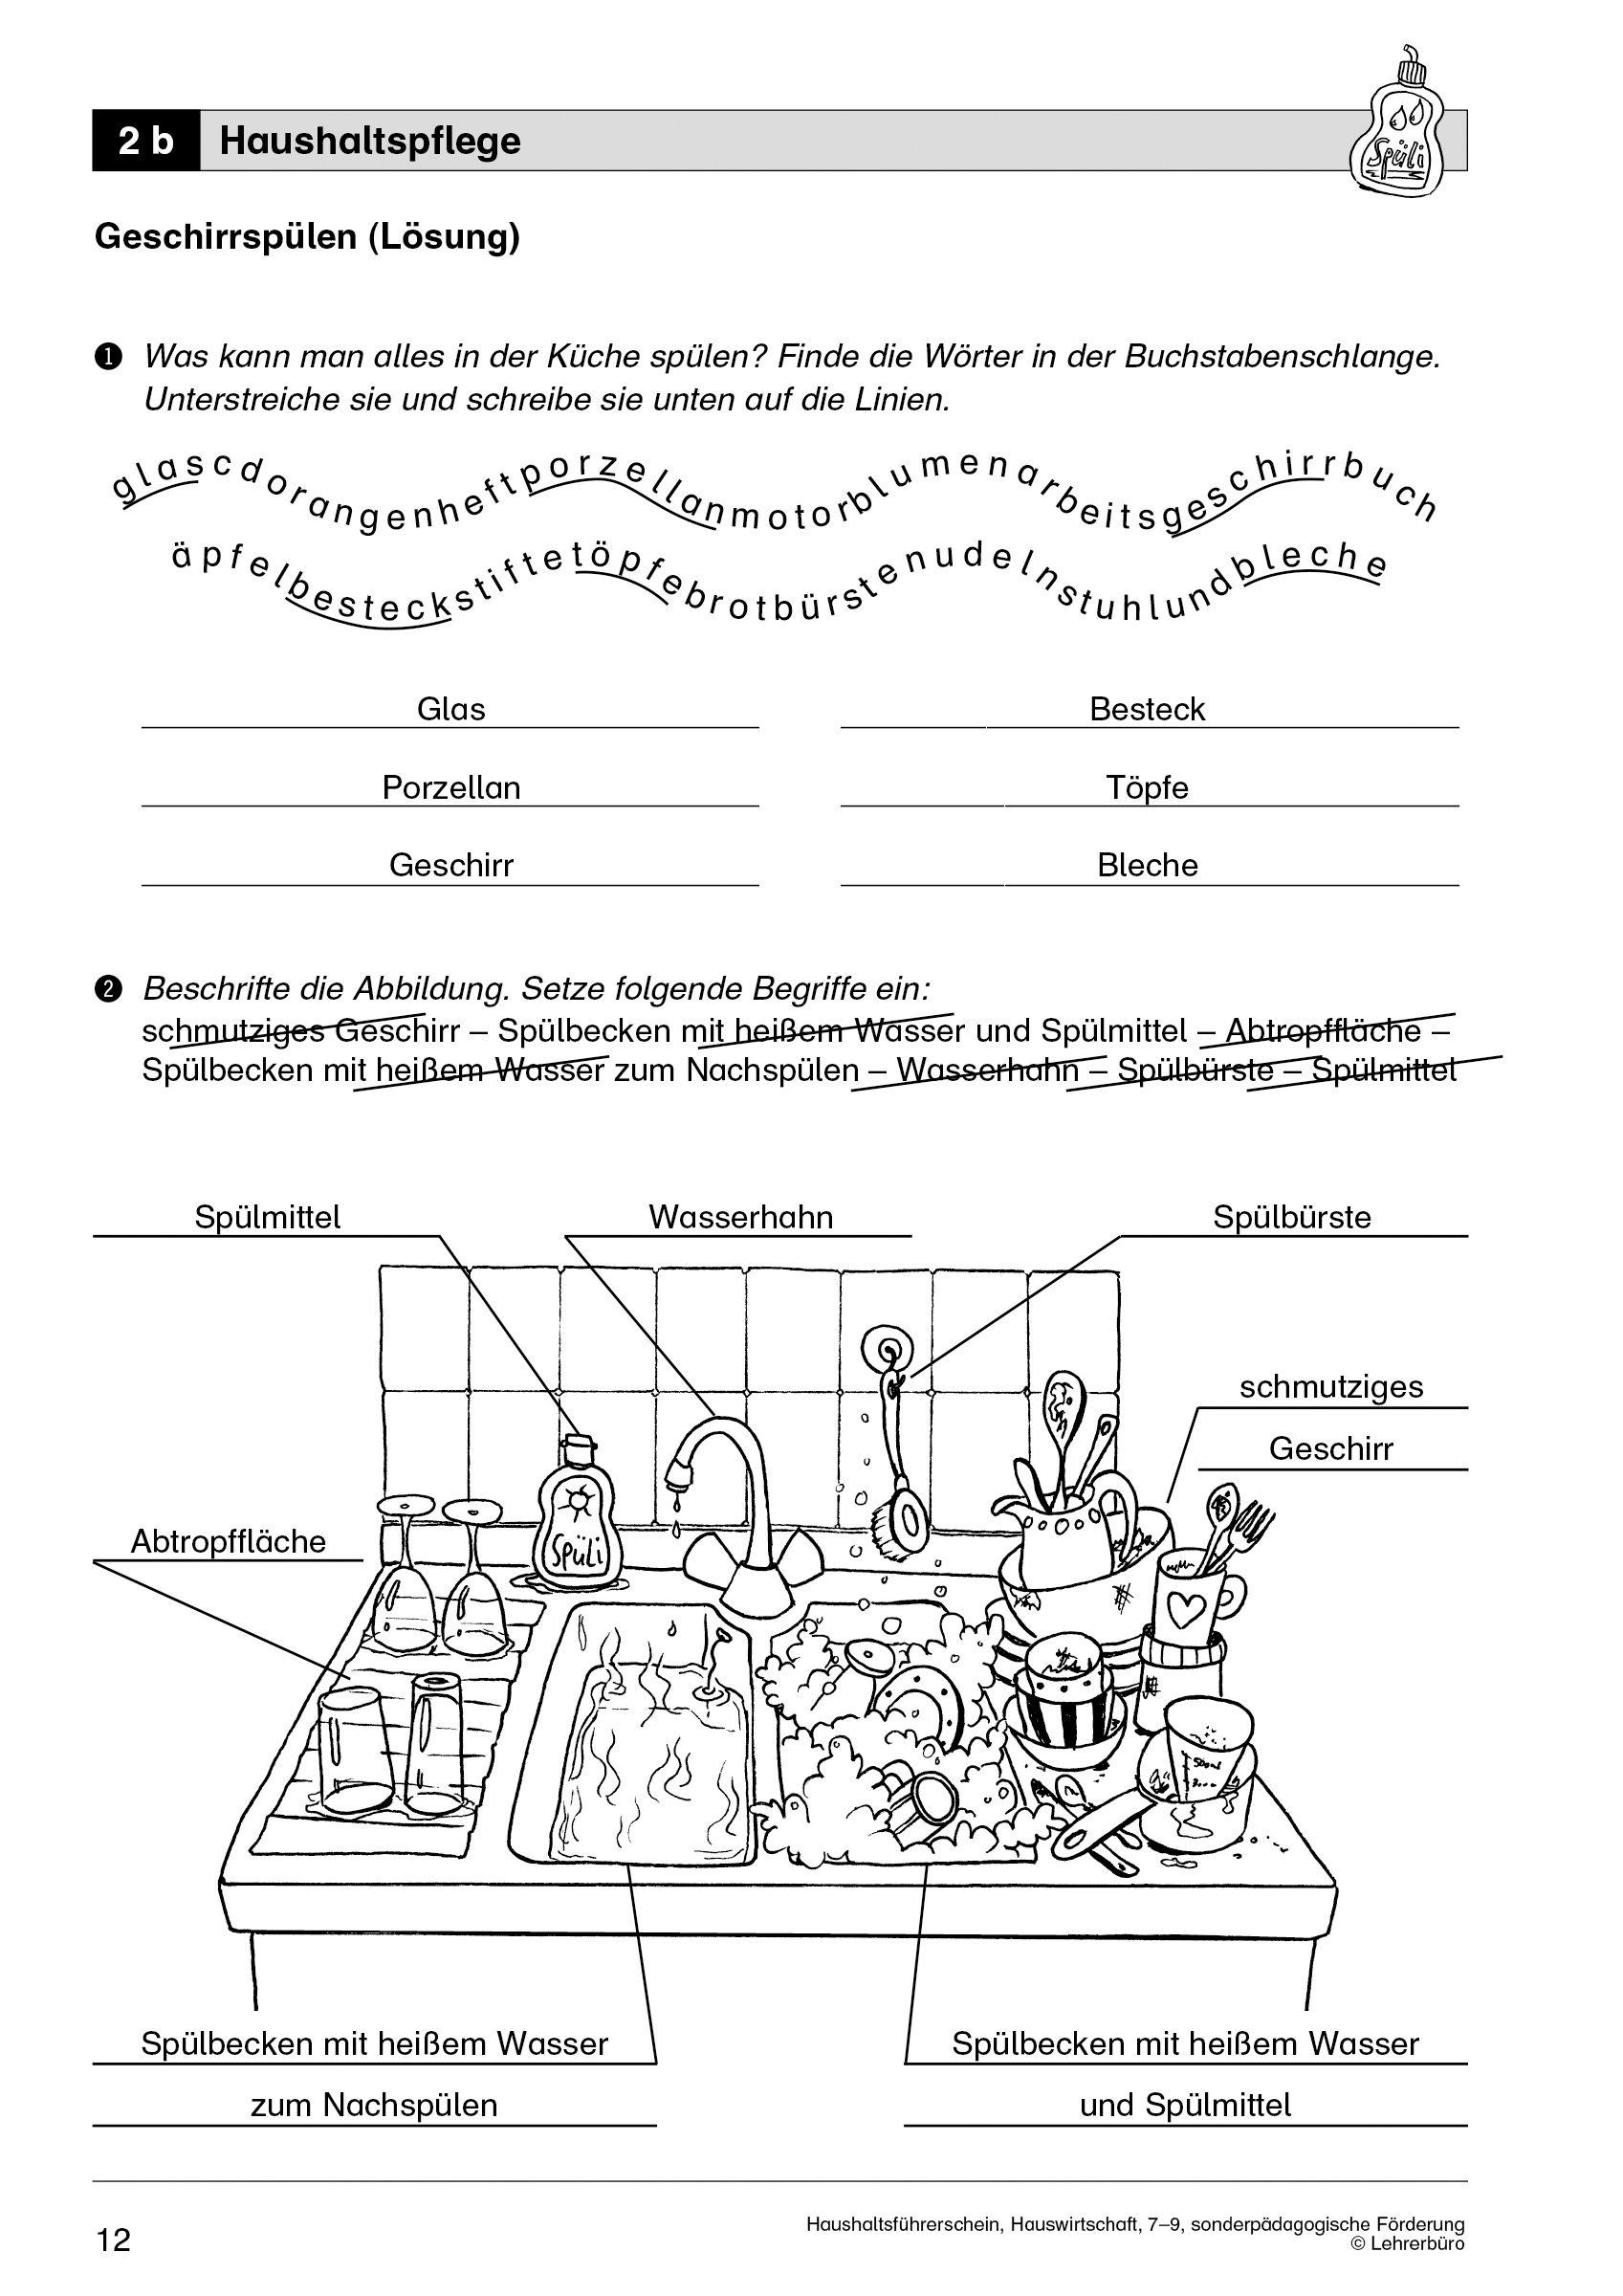 15 Arbeitsblätter Vergleichen Und Kontrastieren